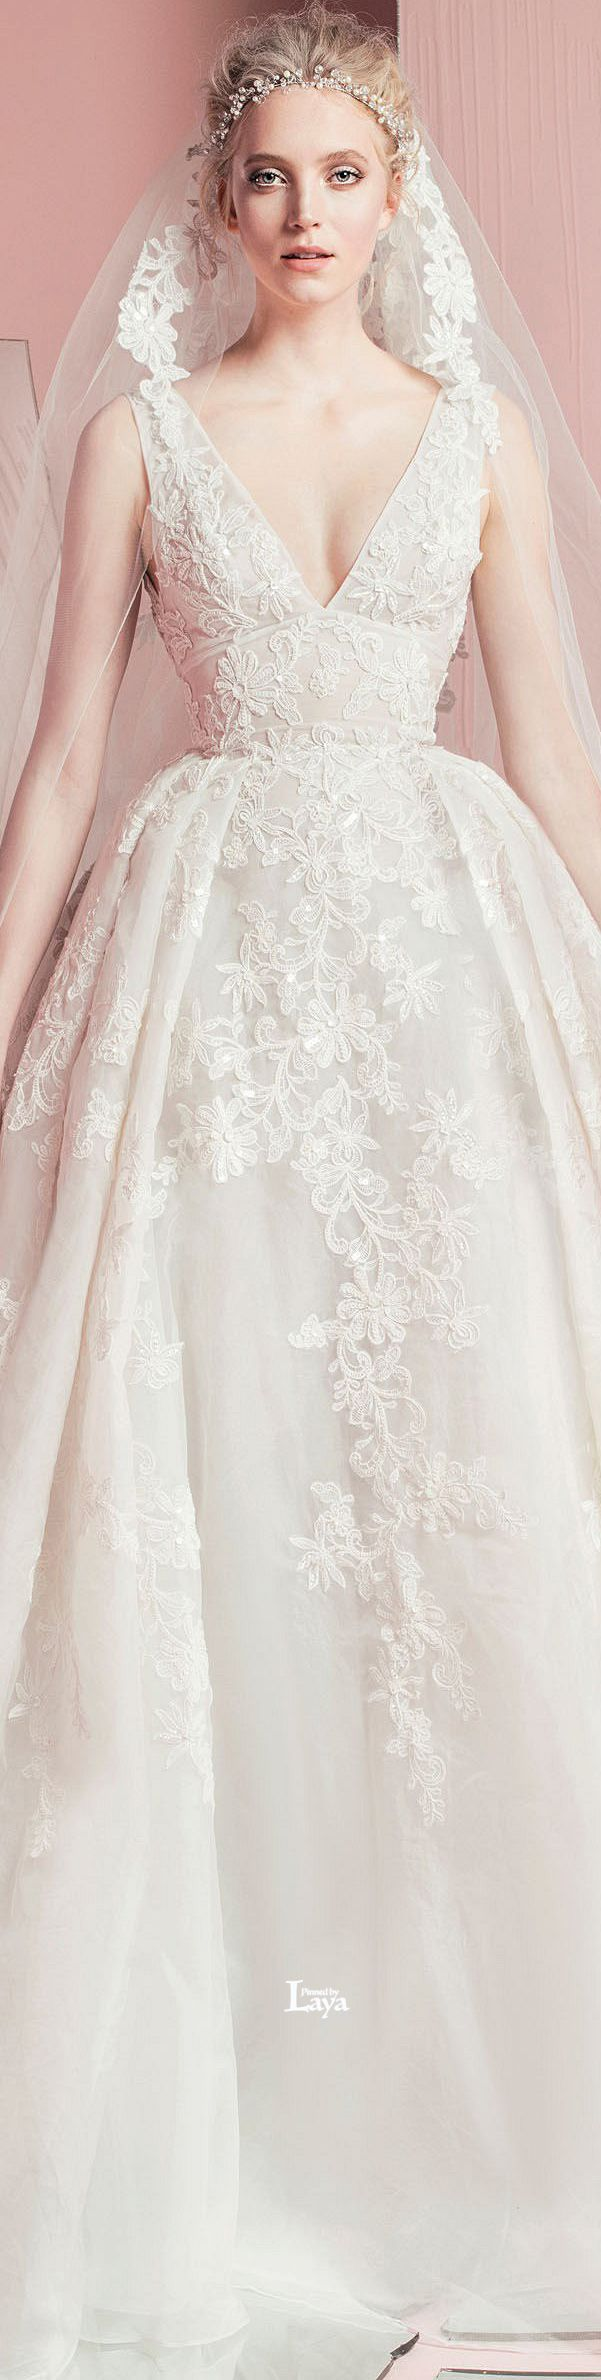 180 besten Zuhair Murad Wedding gowns Bilder auf Pinterest ...